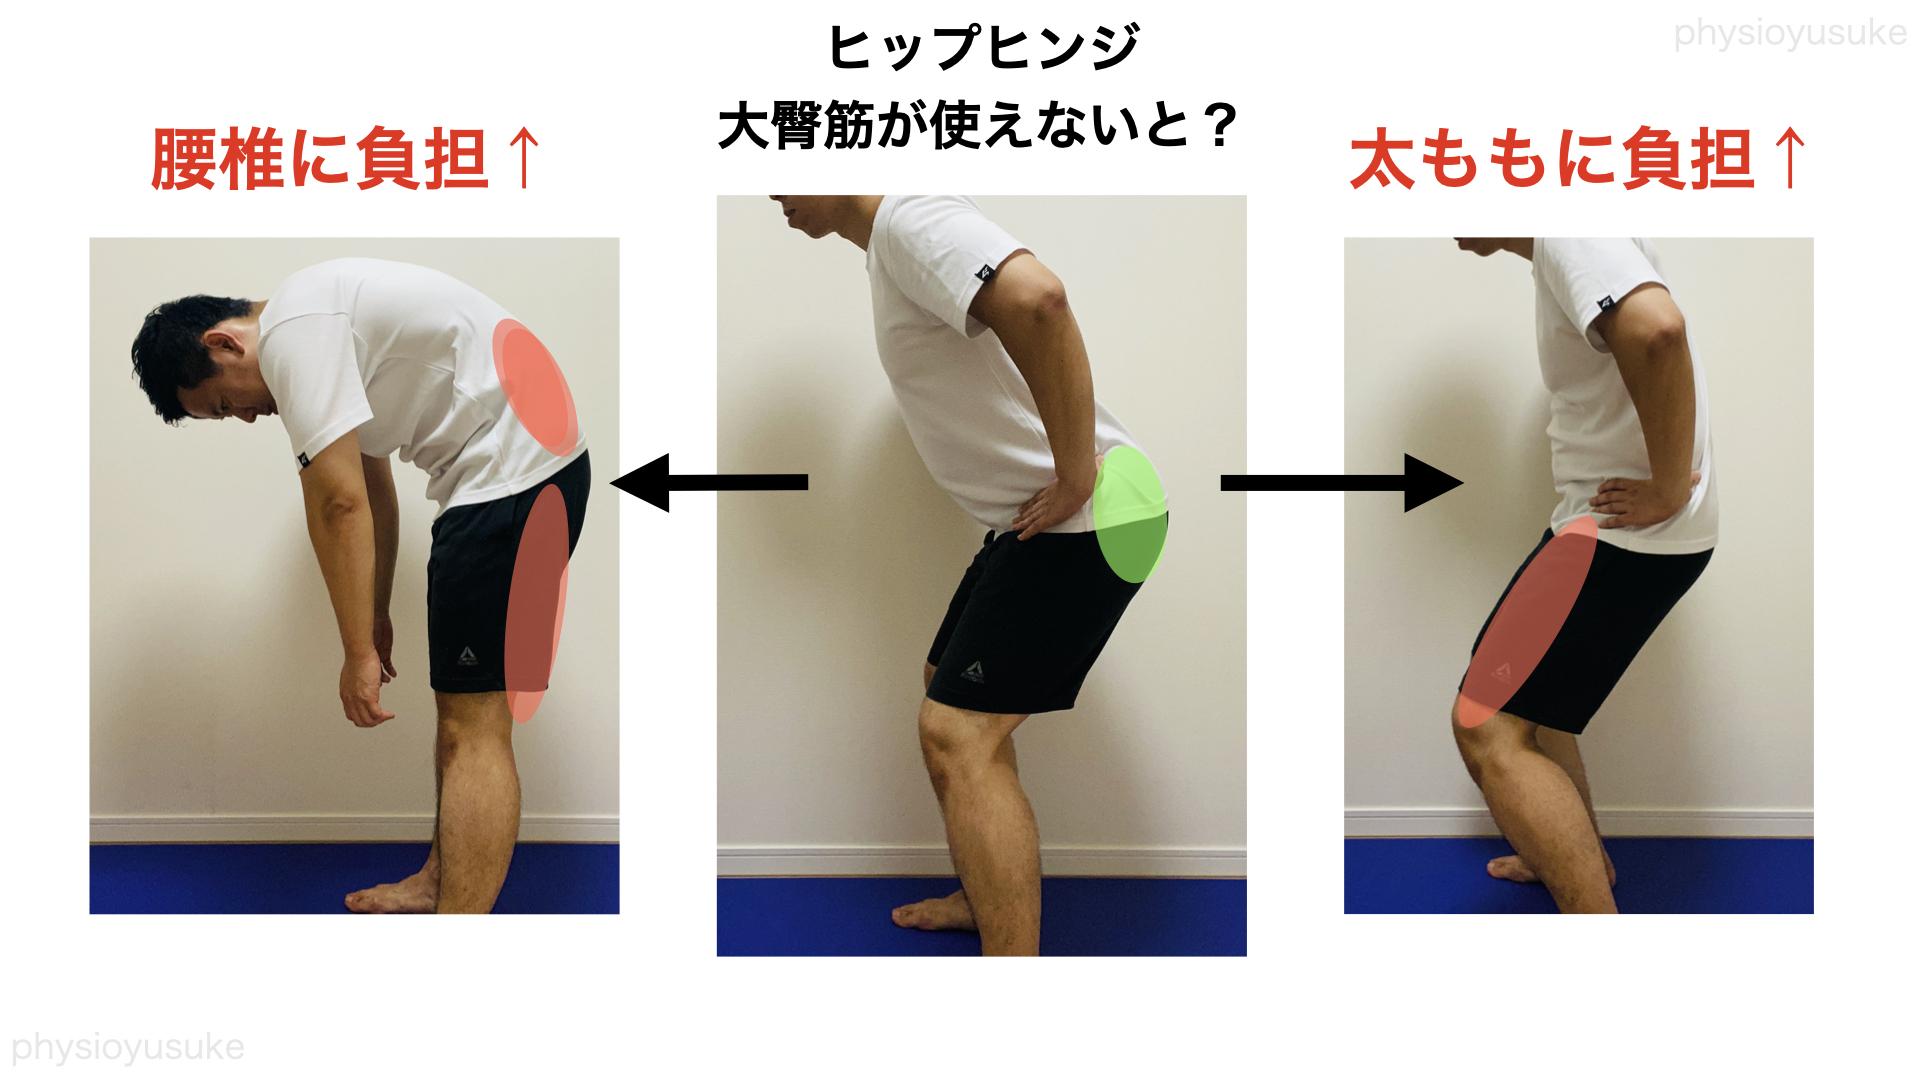 大臀筋、腰痛、太ももの負担